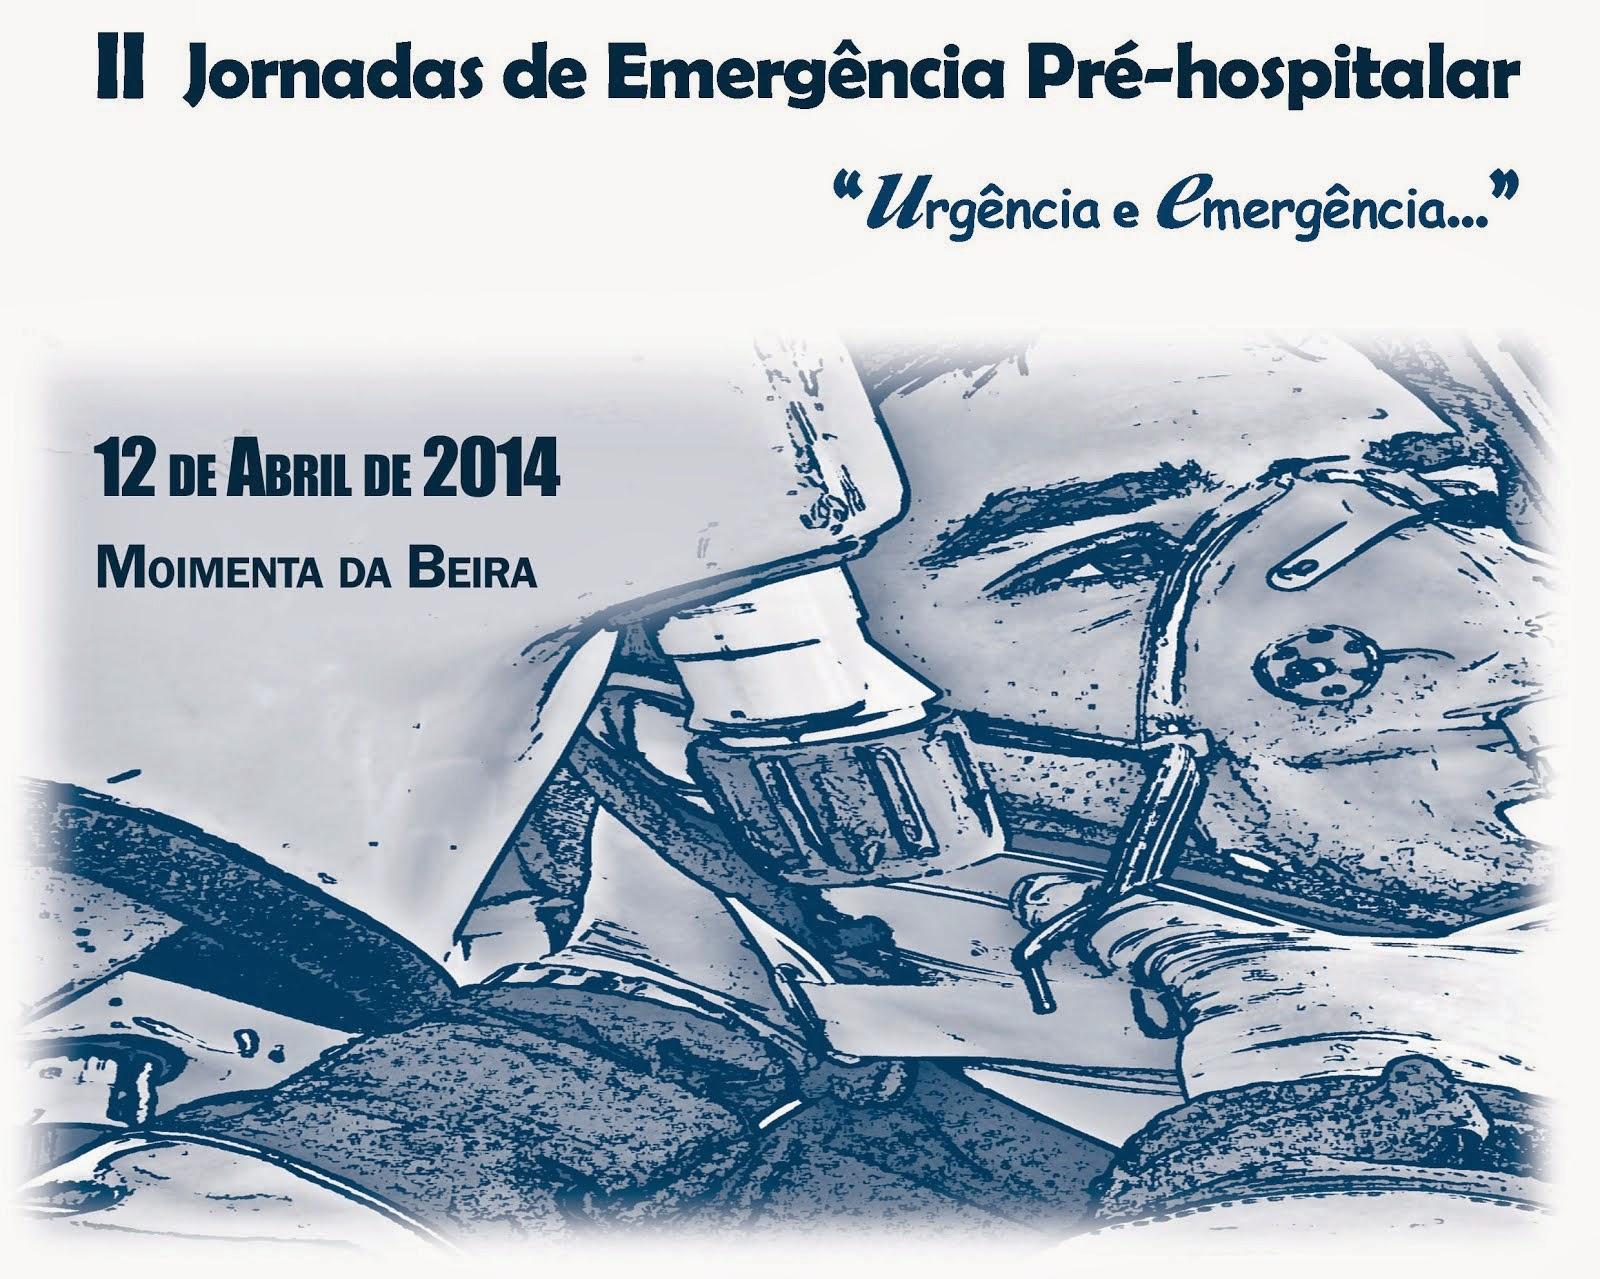 II JORNADAS DE EMERGÊNCIA PRÉ-HOSPITALAR